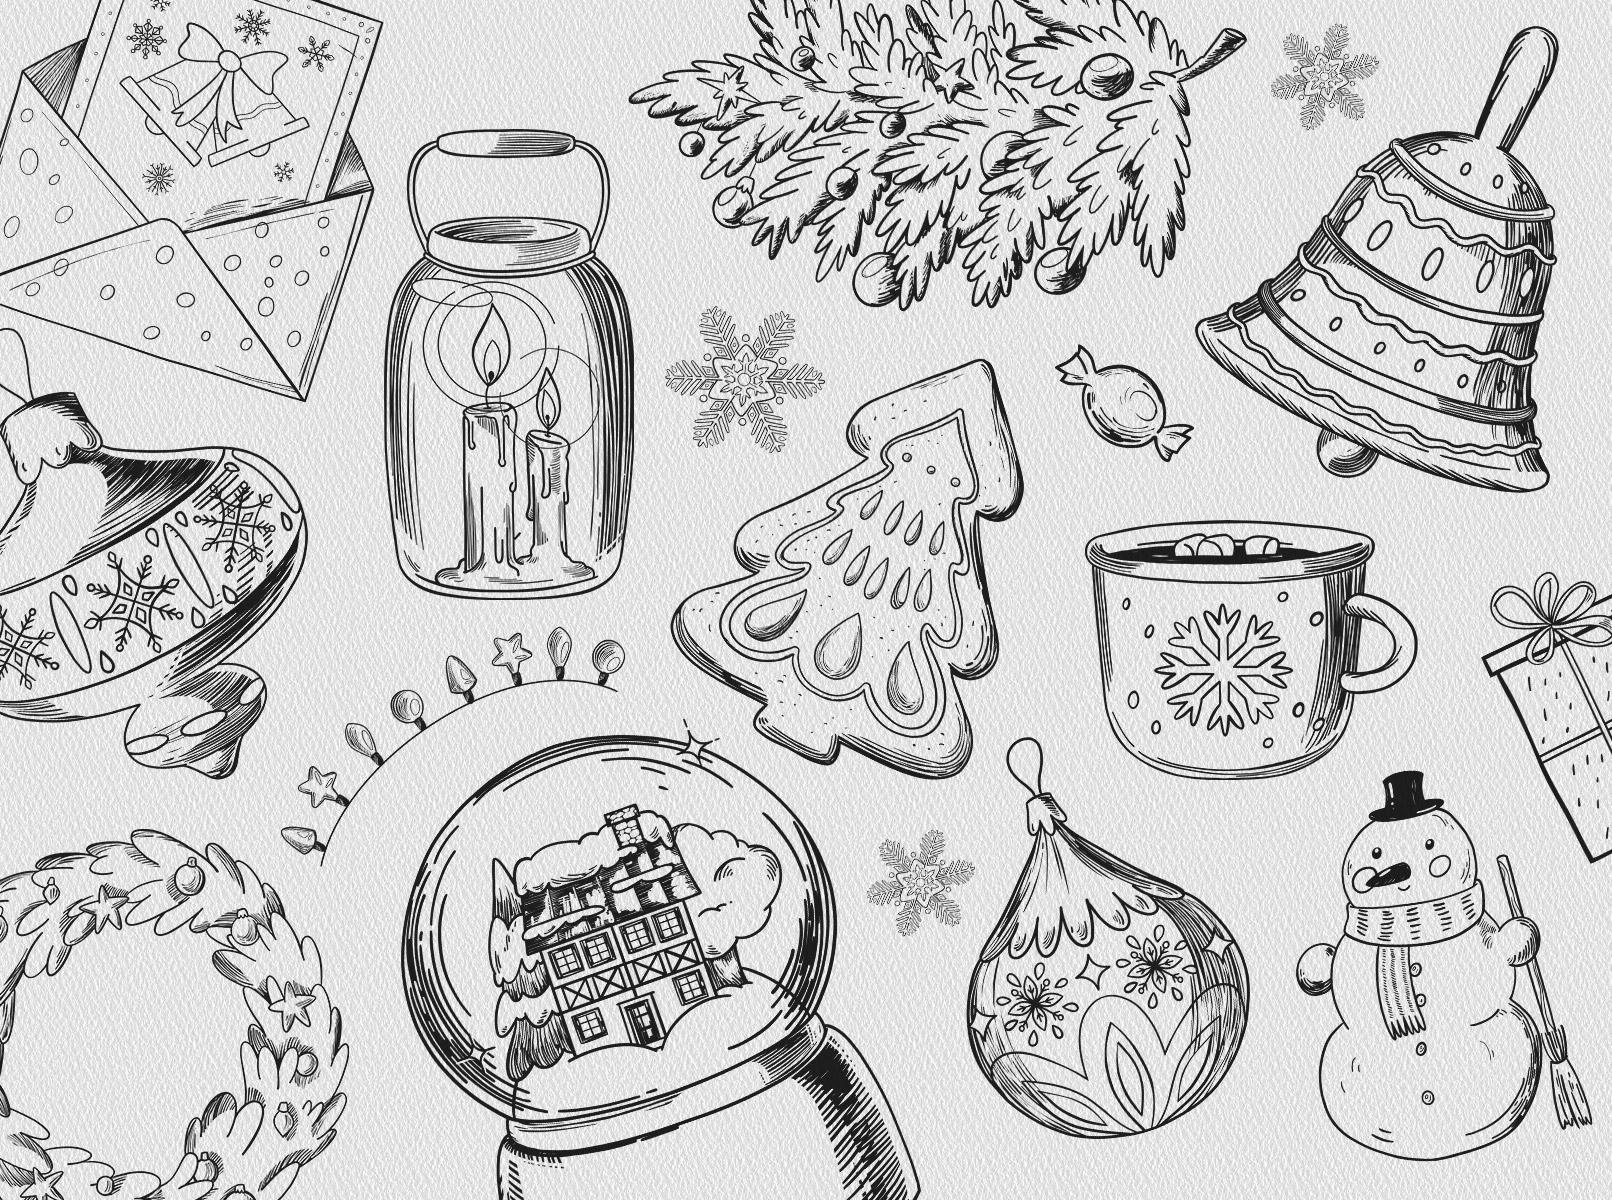 Schwarz-weiße Weihnachtsmotive als Hintergrundbild